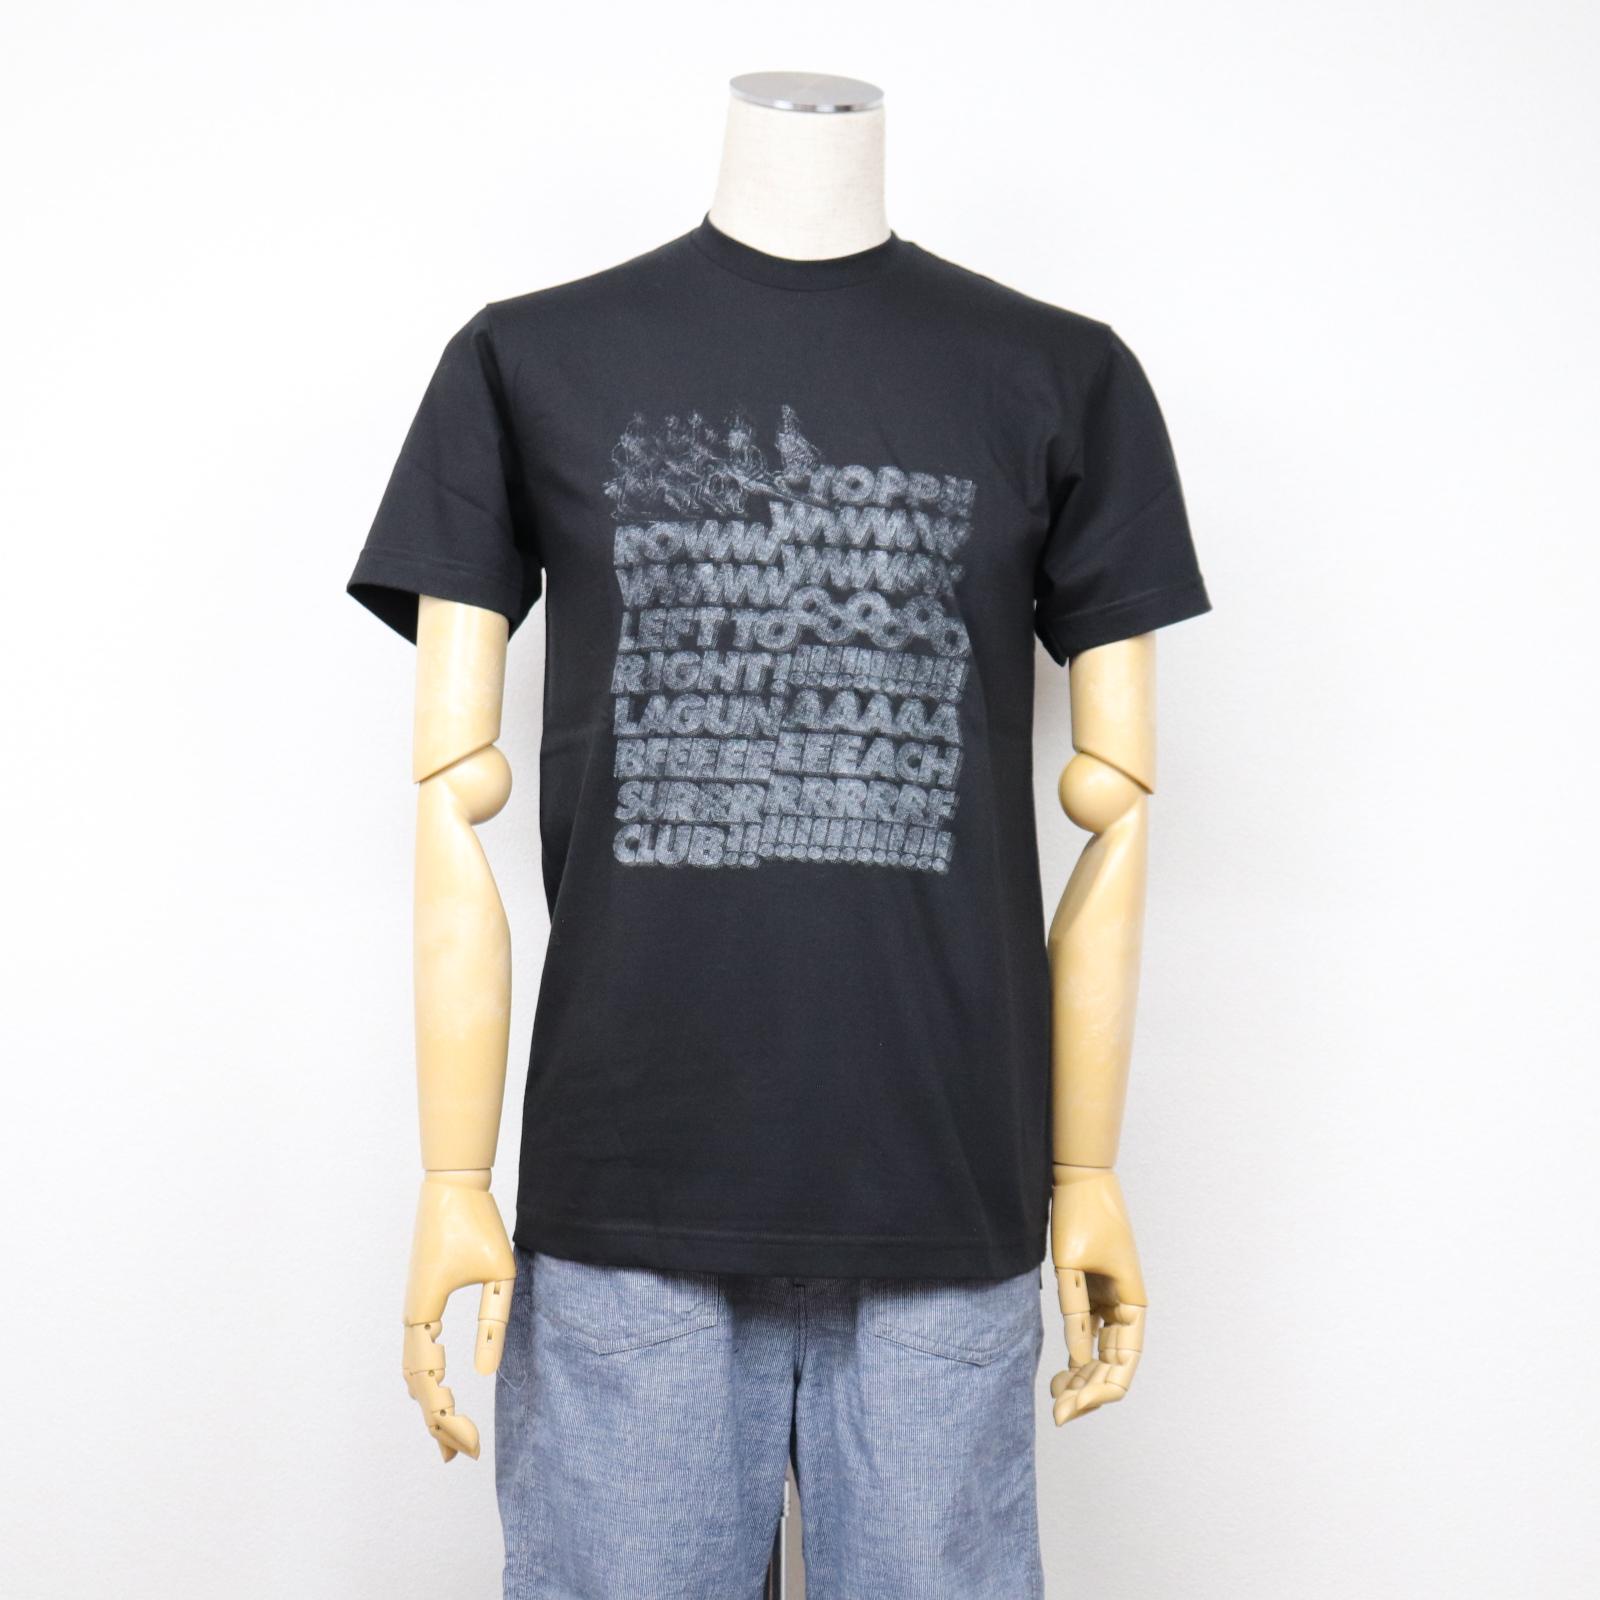 ドッツ ウェア デザイン/Dots wear design サーフクラブプリントTシャツ 70%OFF 価格2,574円(税込) 未使用